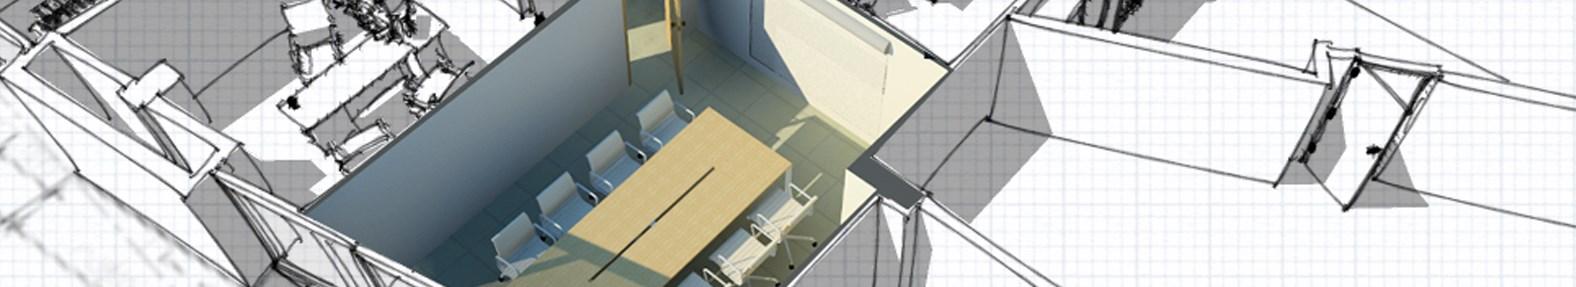 مجموعة التكامل لمواقع البناء - نظرة عامة